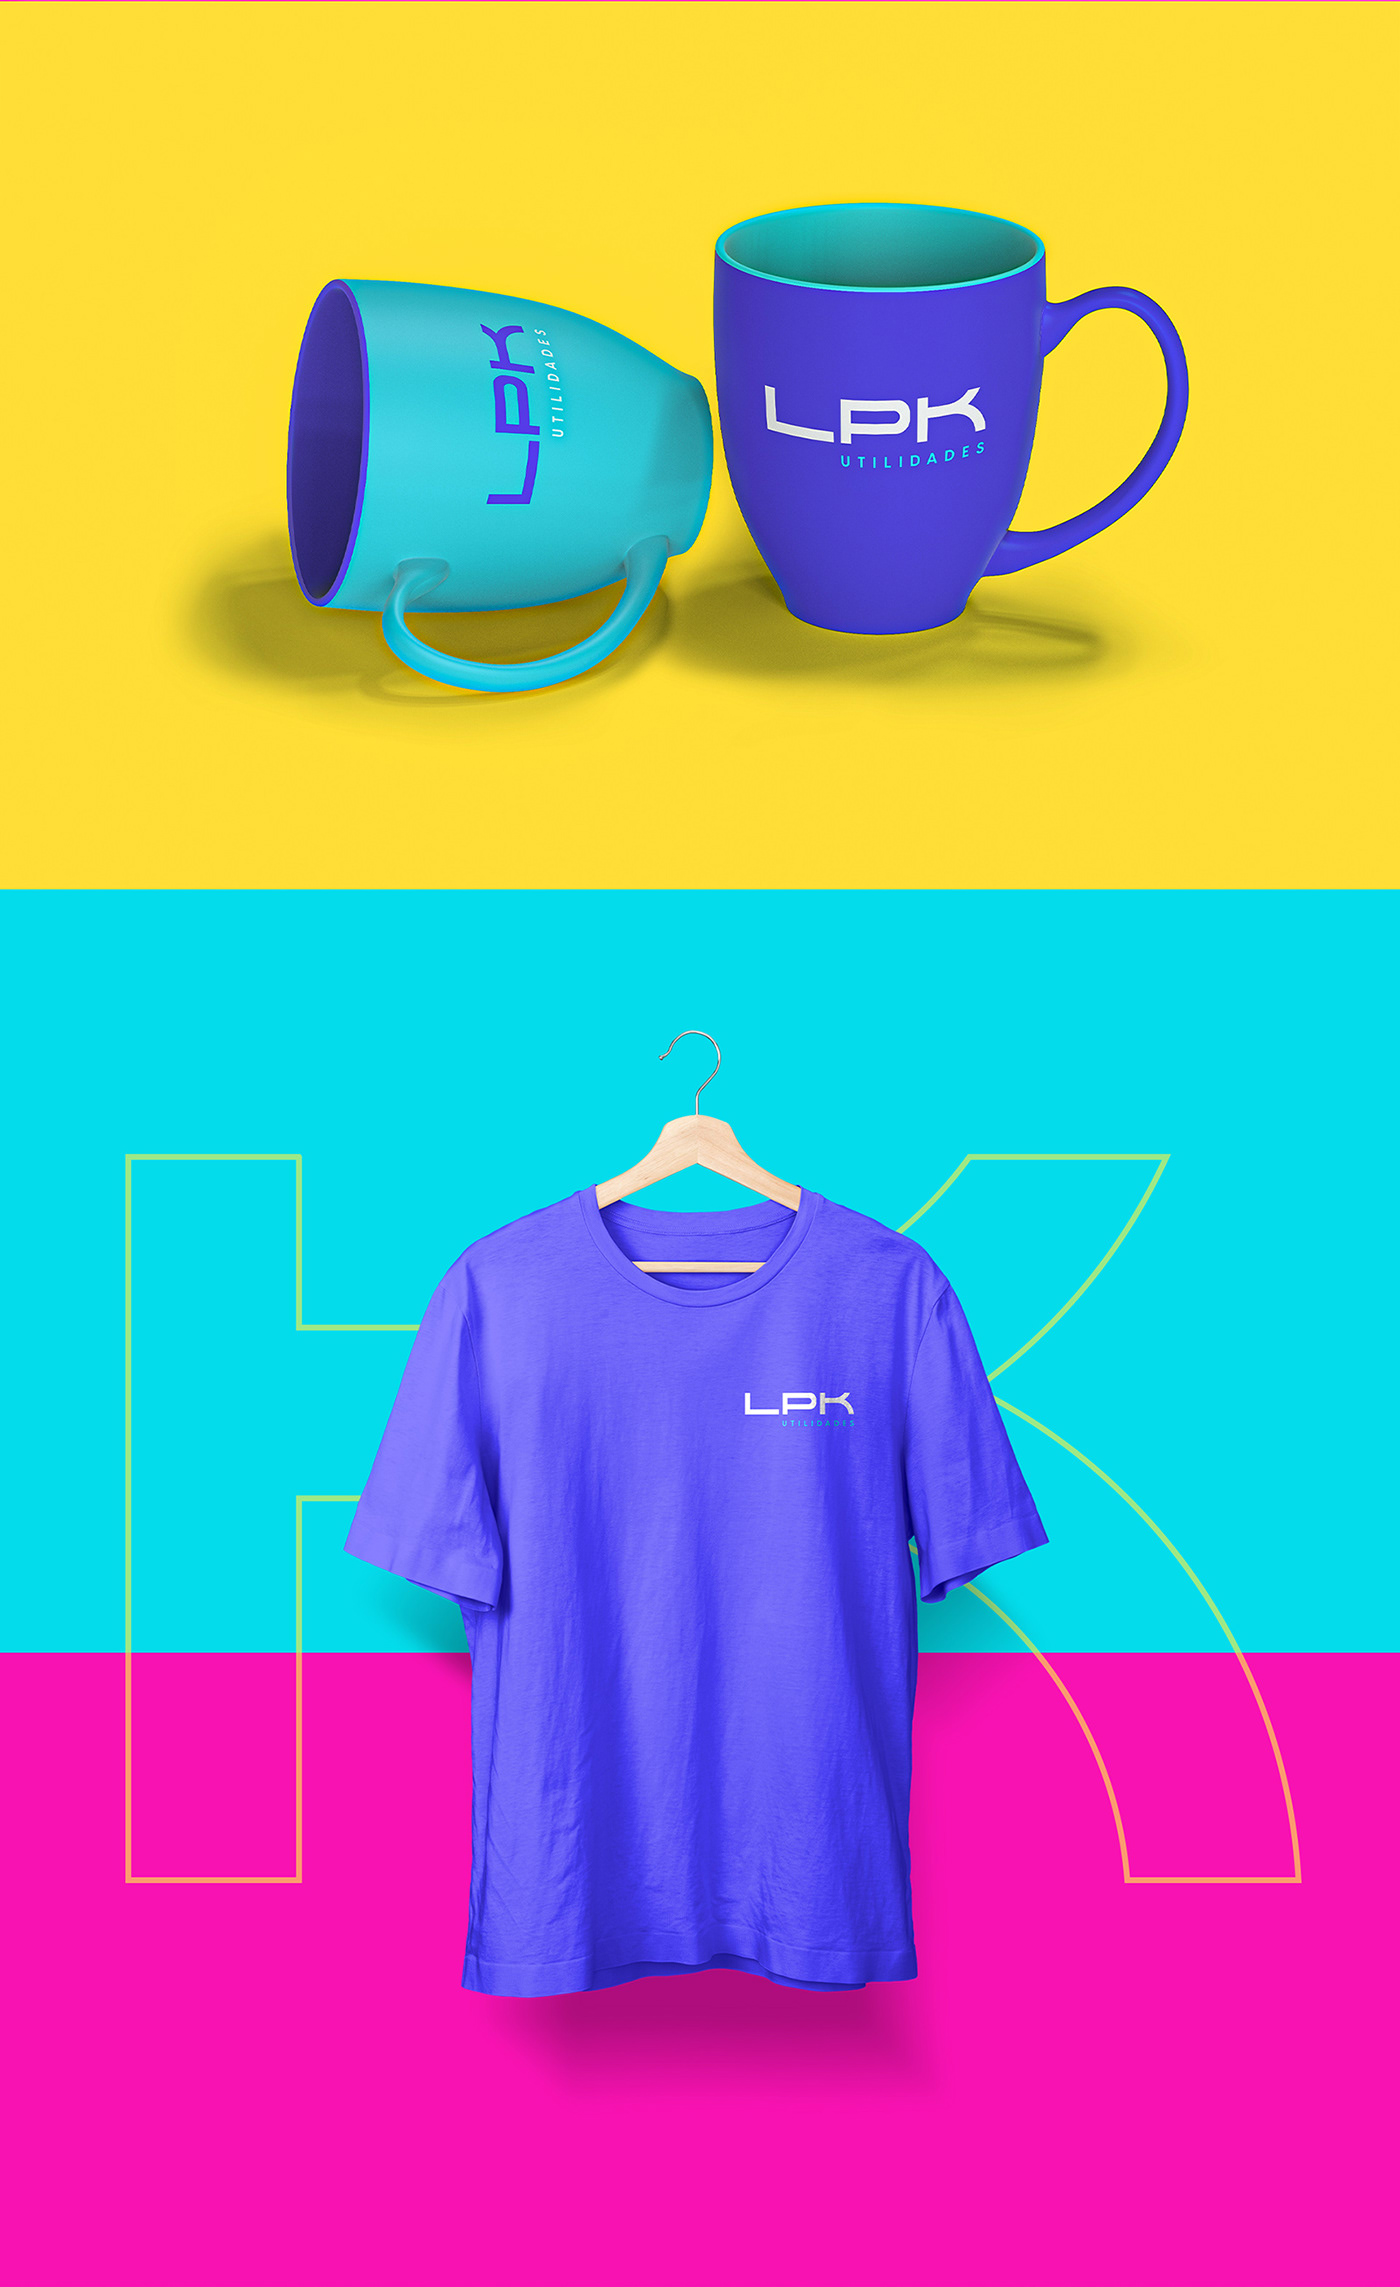 brand casa cozinha e-commerce house kitchen logo marca Rebrand shop